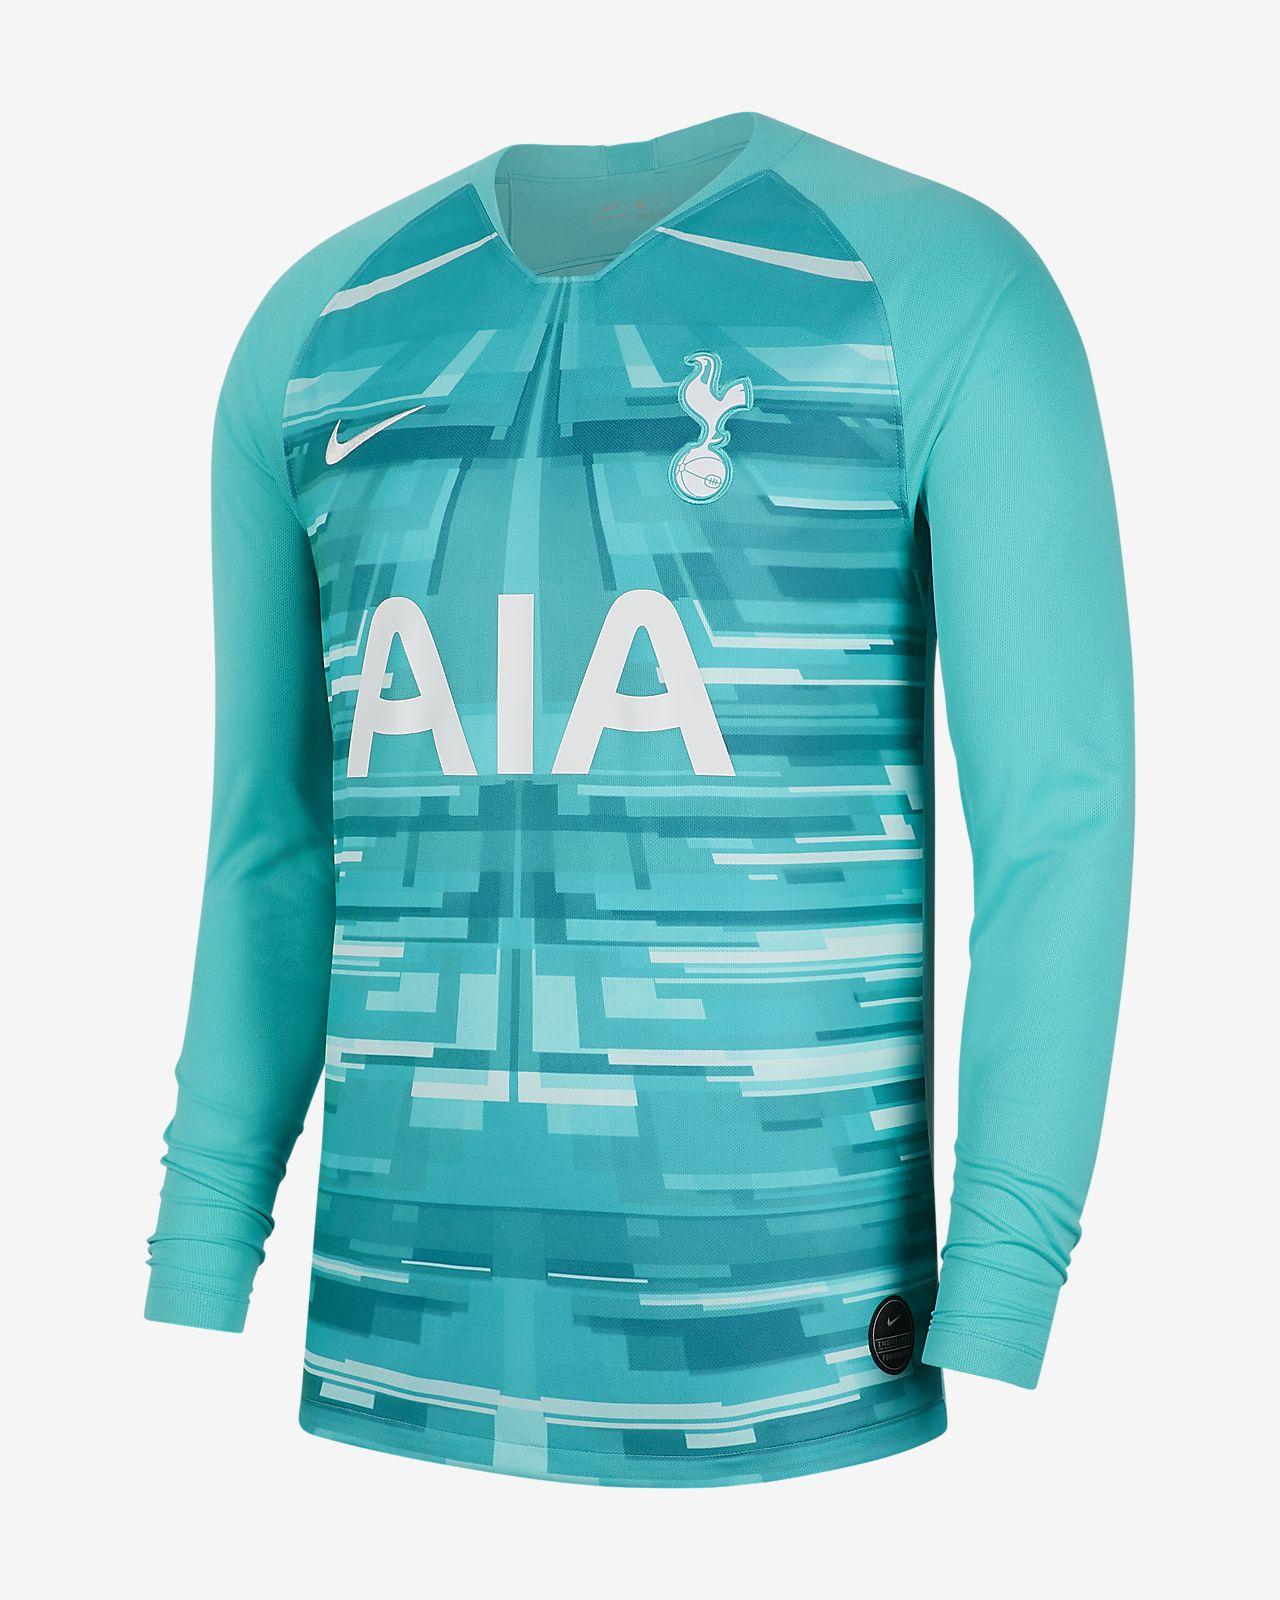 Maglia da calcio Tottenham Hotspur 2019/20 Stadium Goalkeeper - Uomo